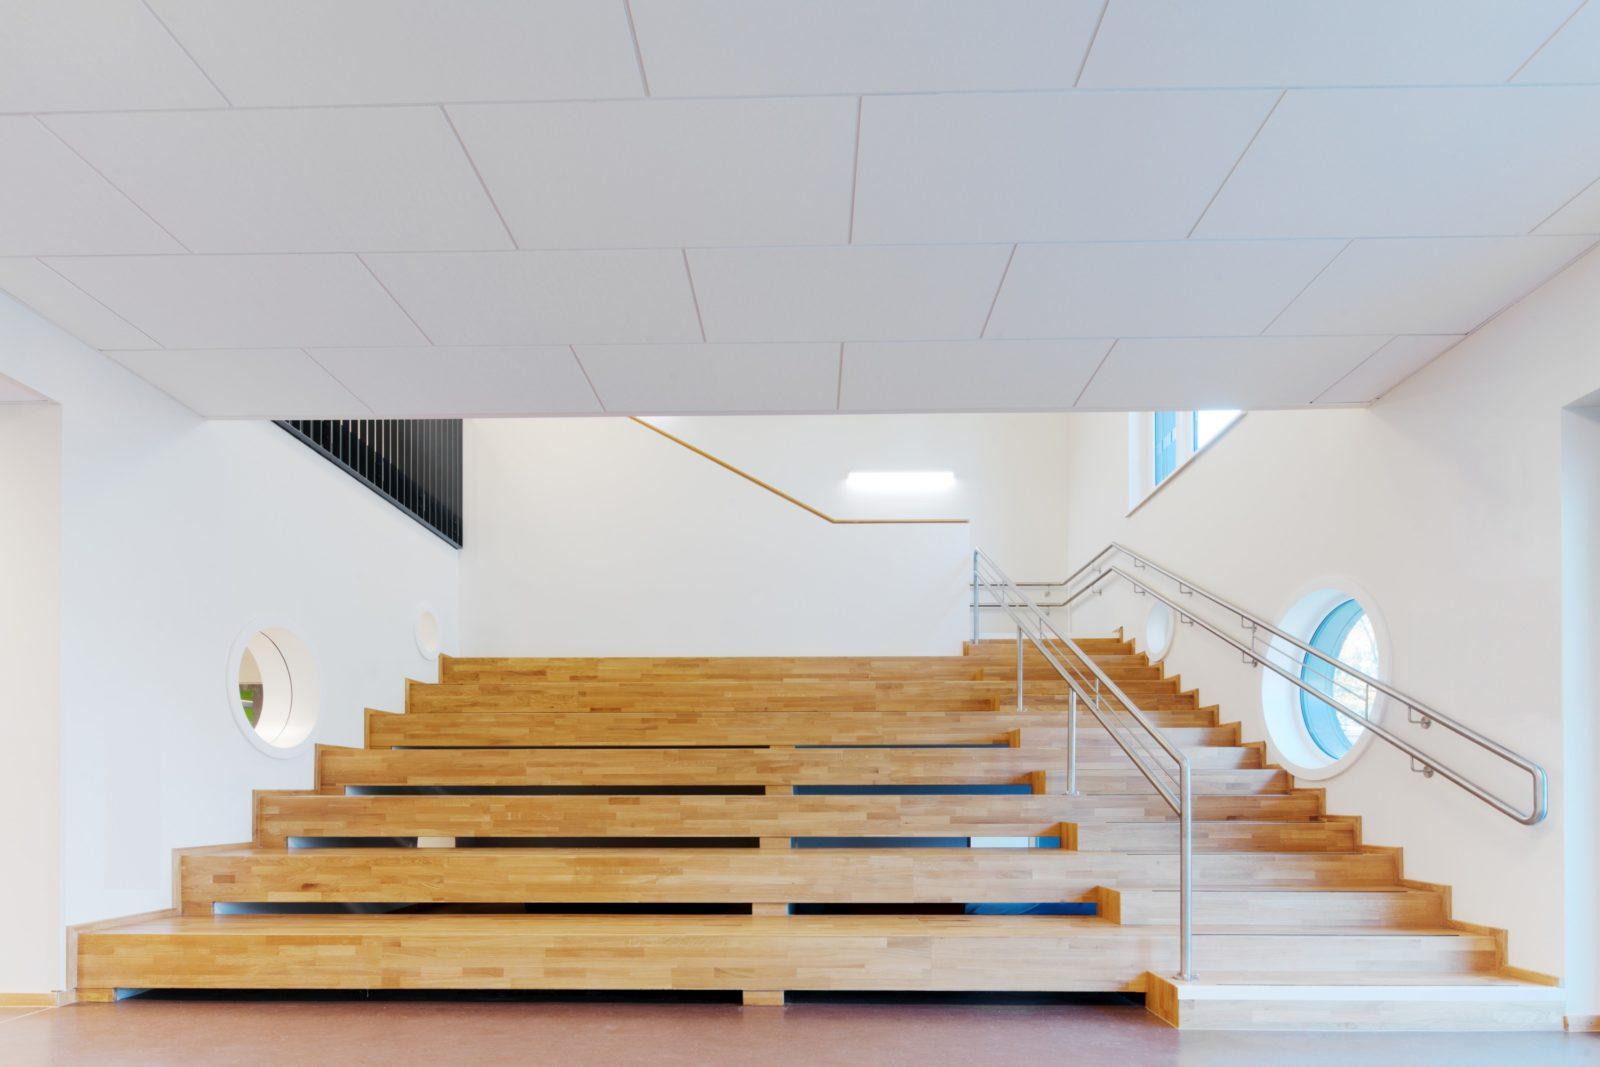 Neubau Kita und Förderschule an der alten Messe, Leipzig - Treppenanlage